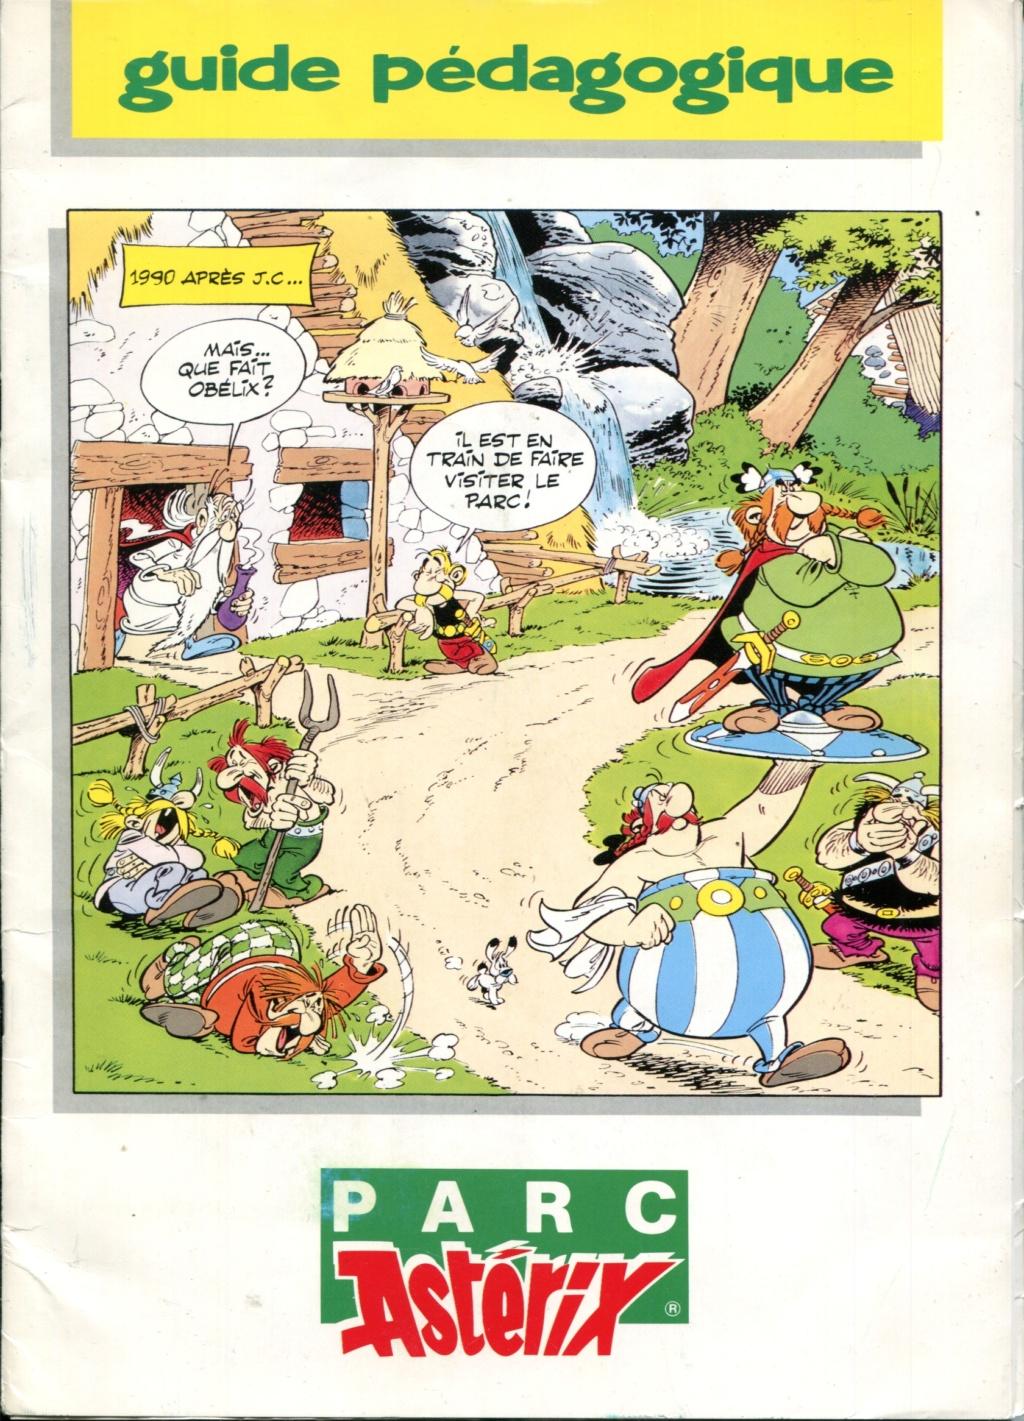 mesraretés ou ce que j'appelle raretés ! - Page 6 1989_g11